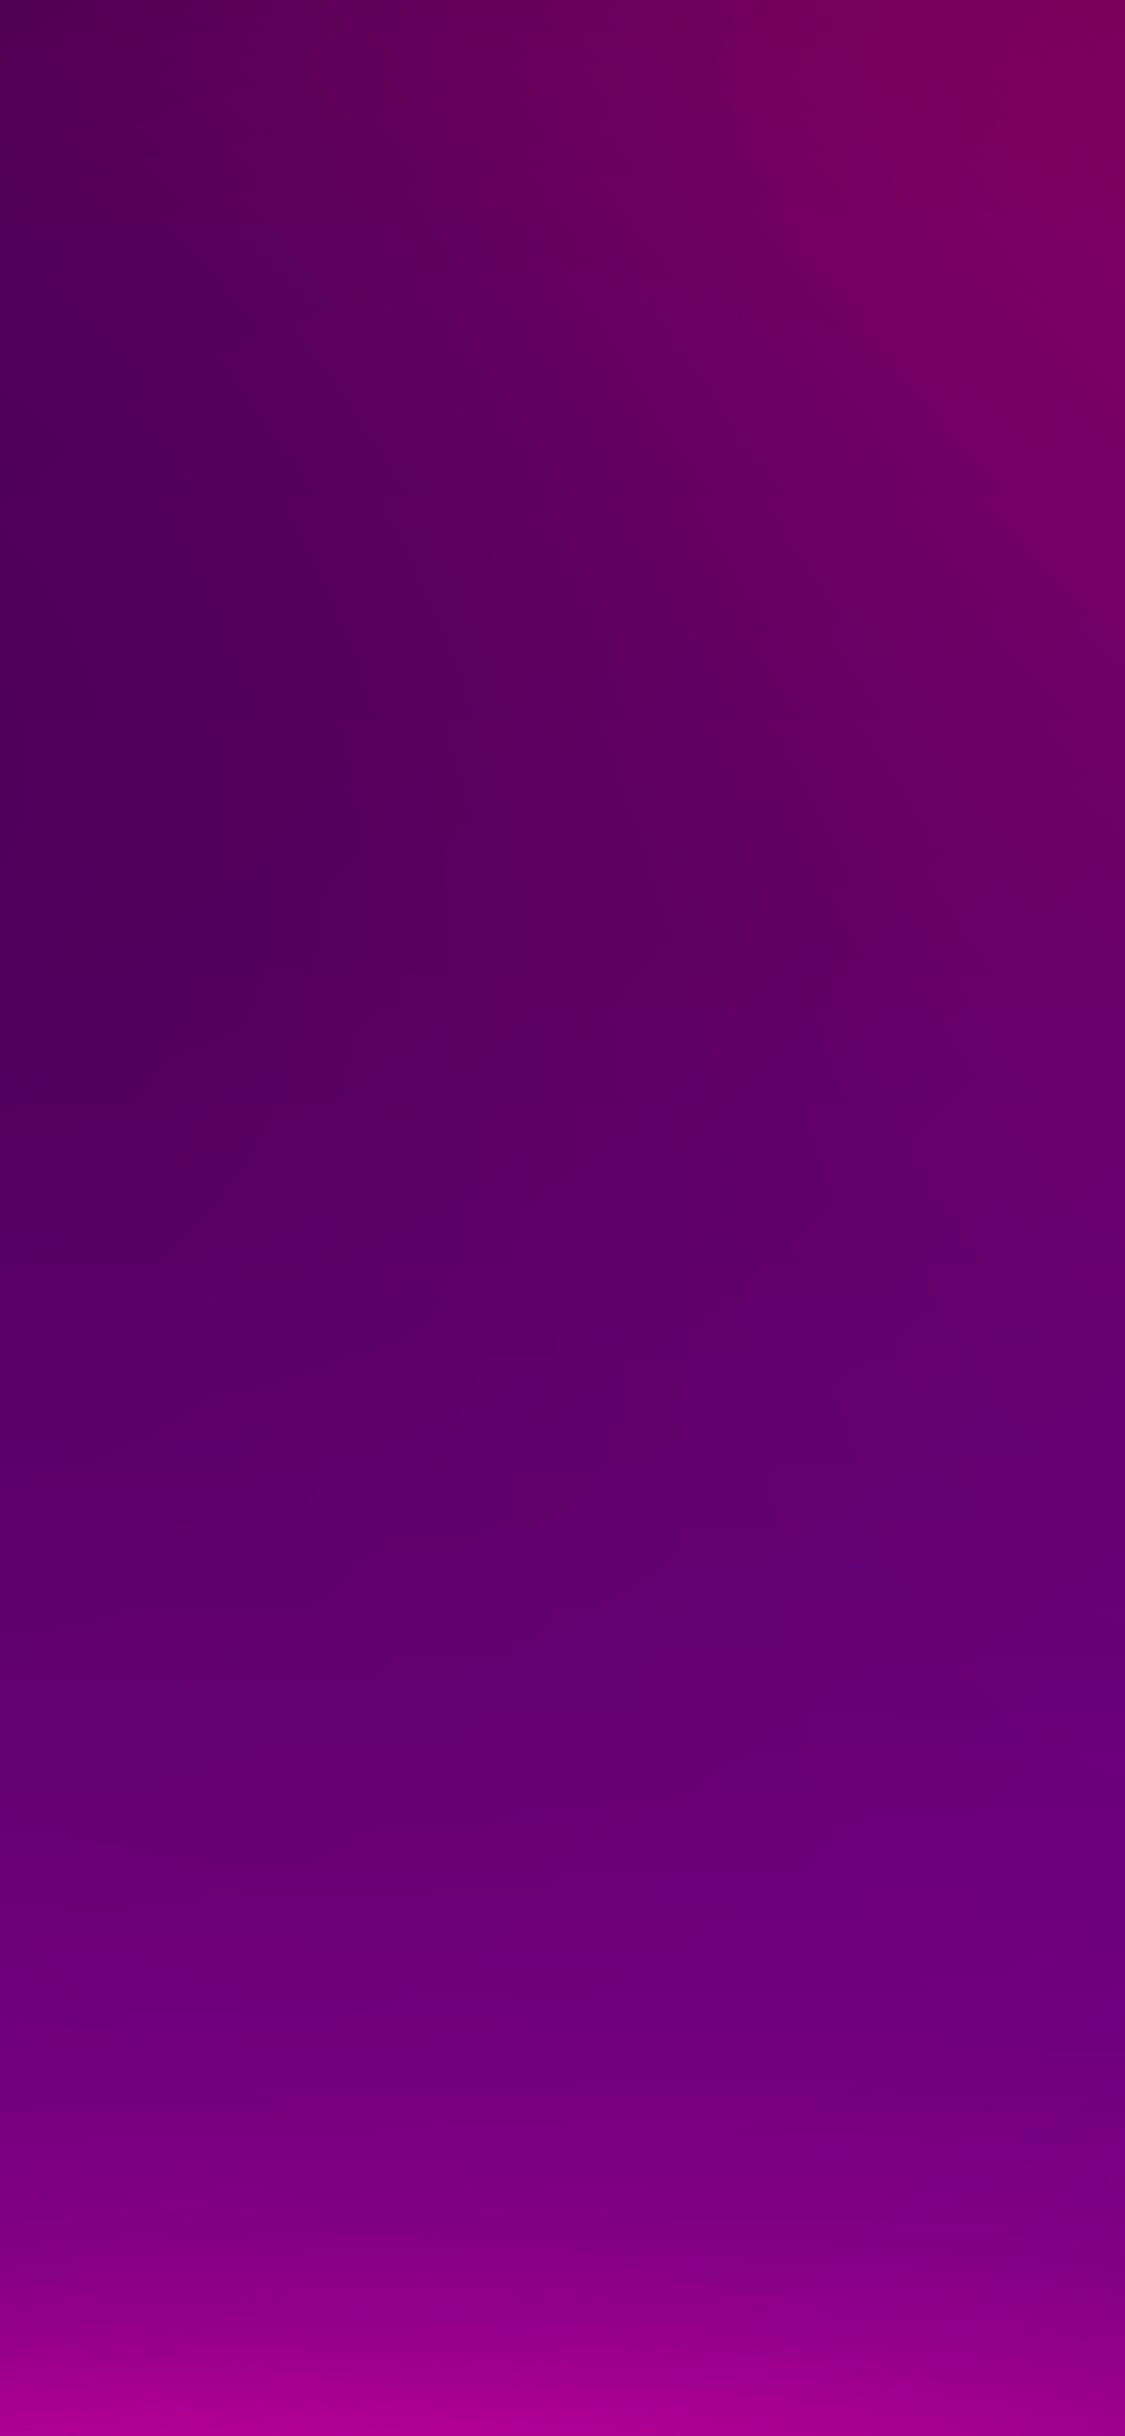 紫色の背景のiphonex壁紙 テクスチャ Iphoneチーズ